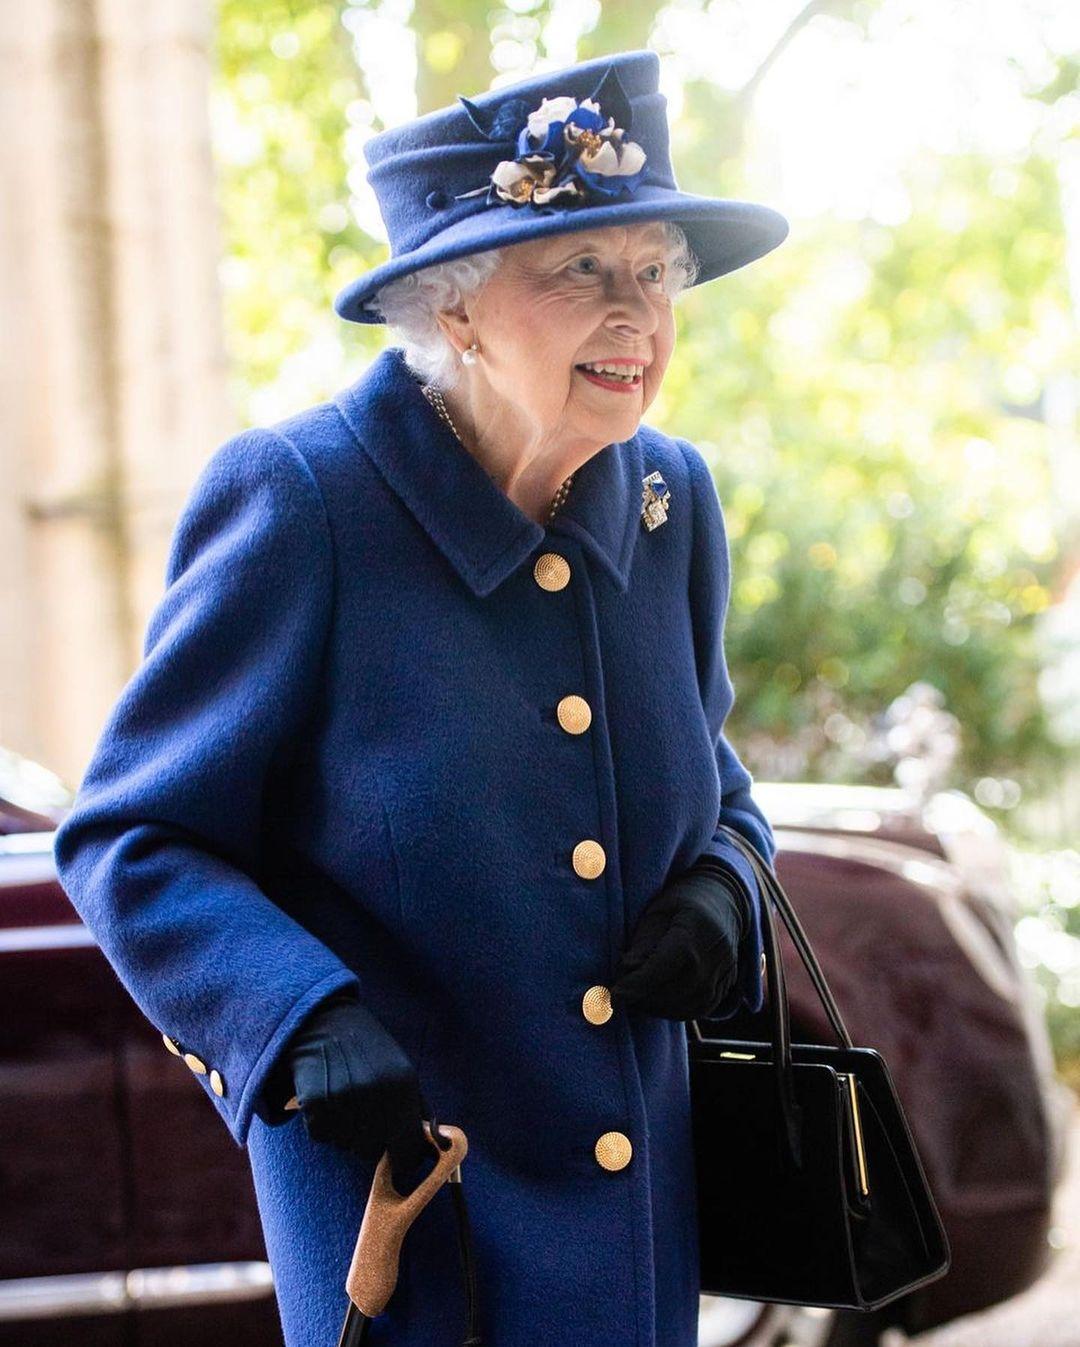 Королева Елизавета впервые появилась на публике с тростью (ФОТО) - фото №3